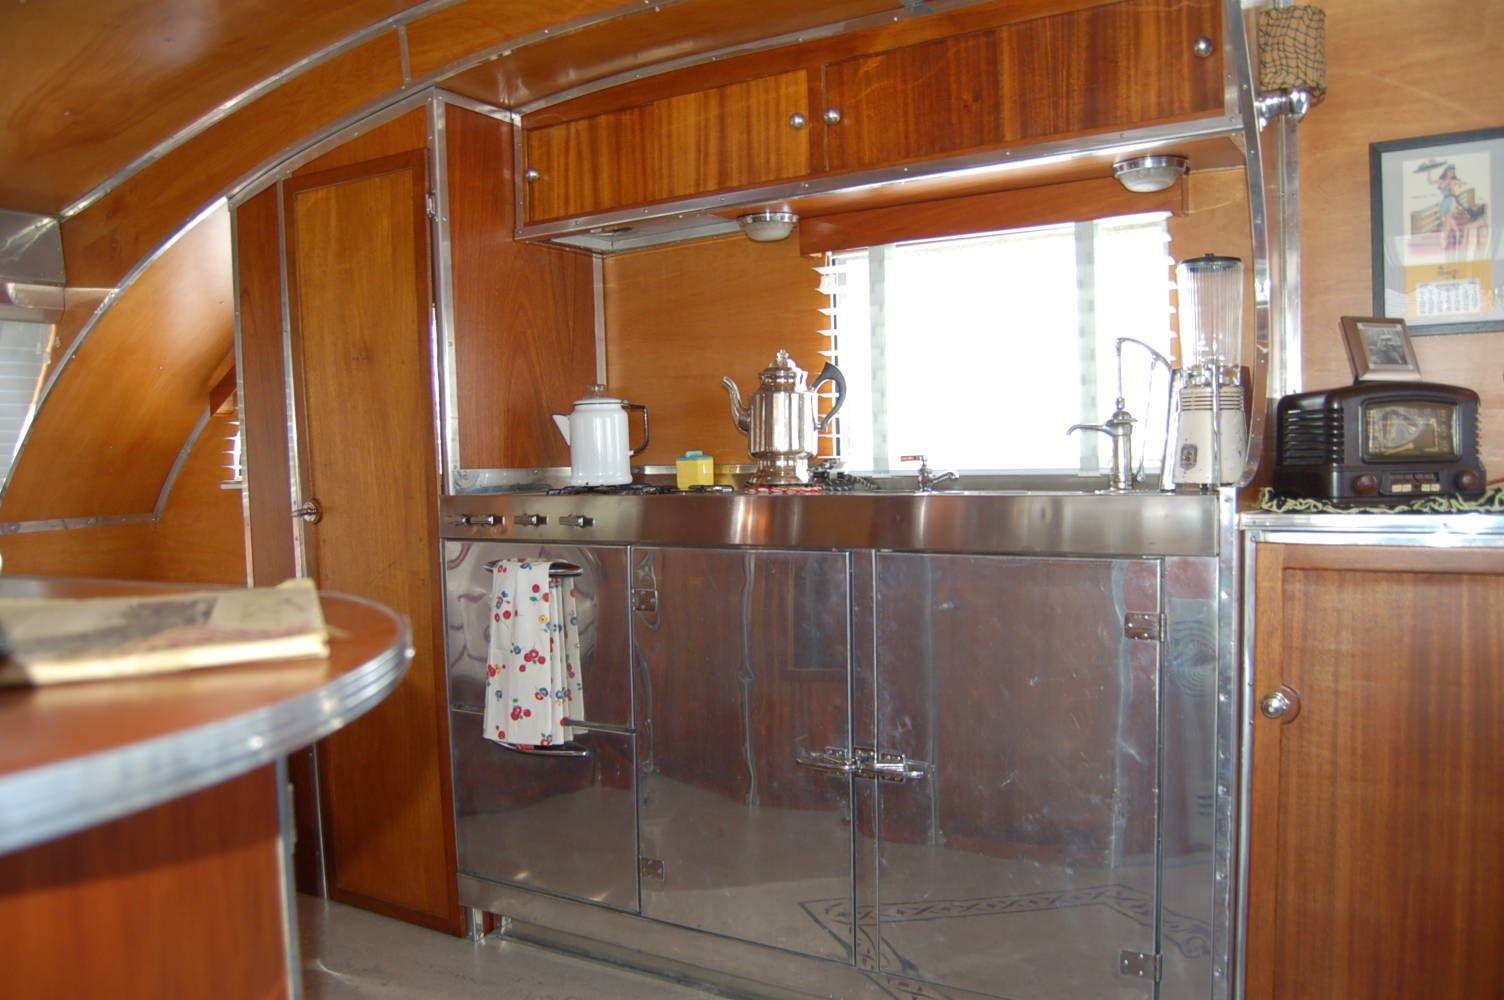 rv kitchen cabinets Areo flyte camper trailer stainless steel kitchen original